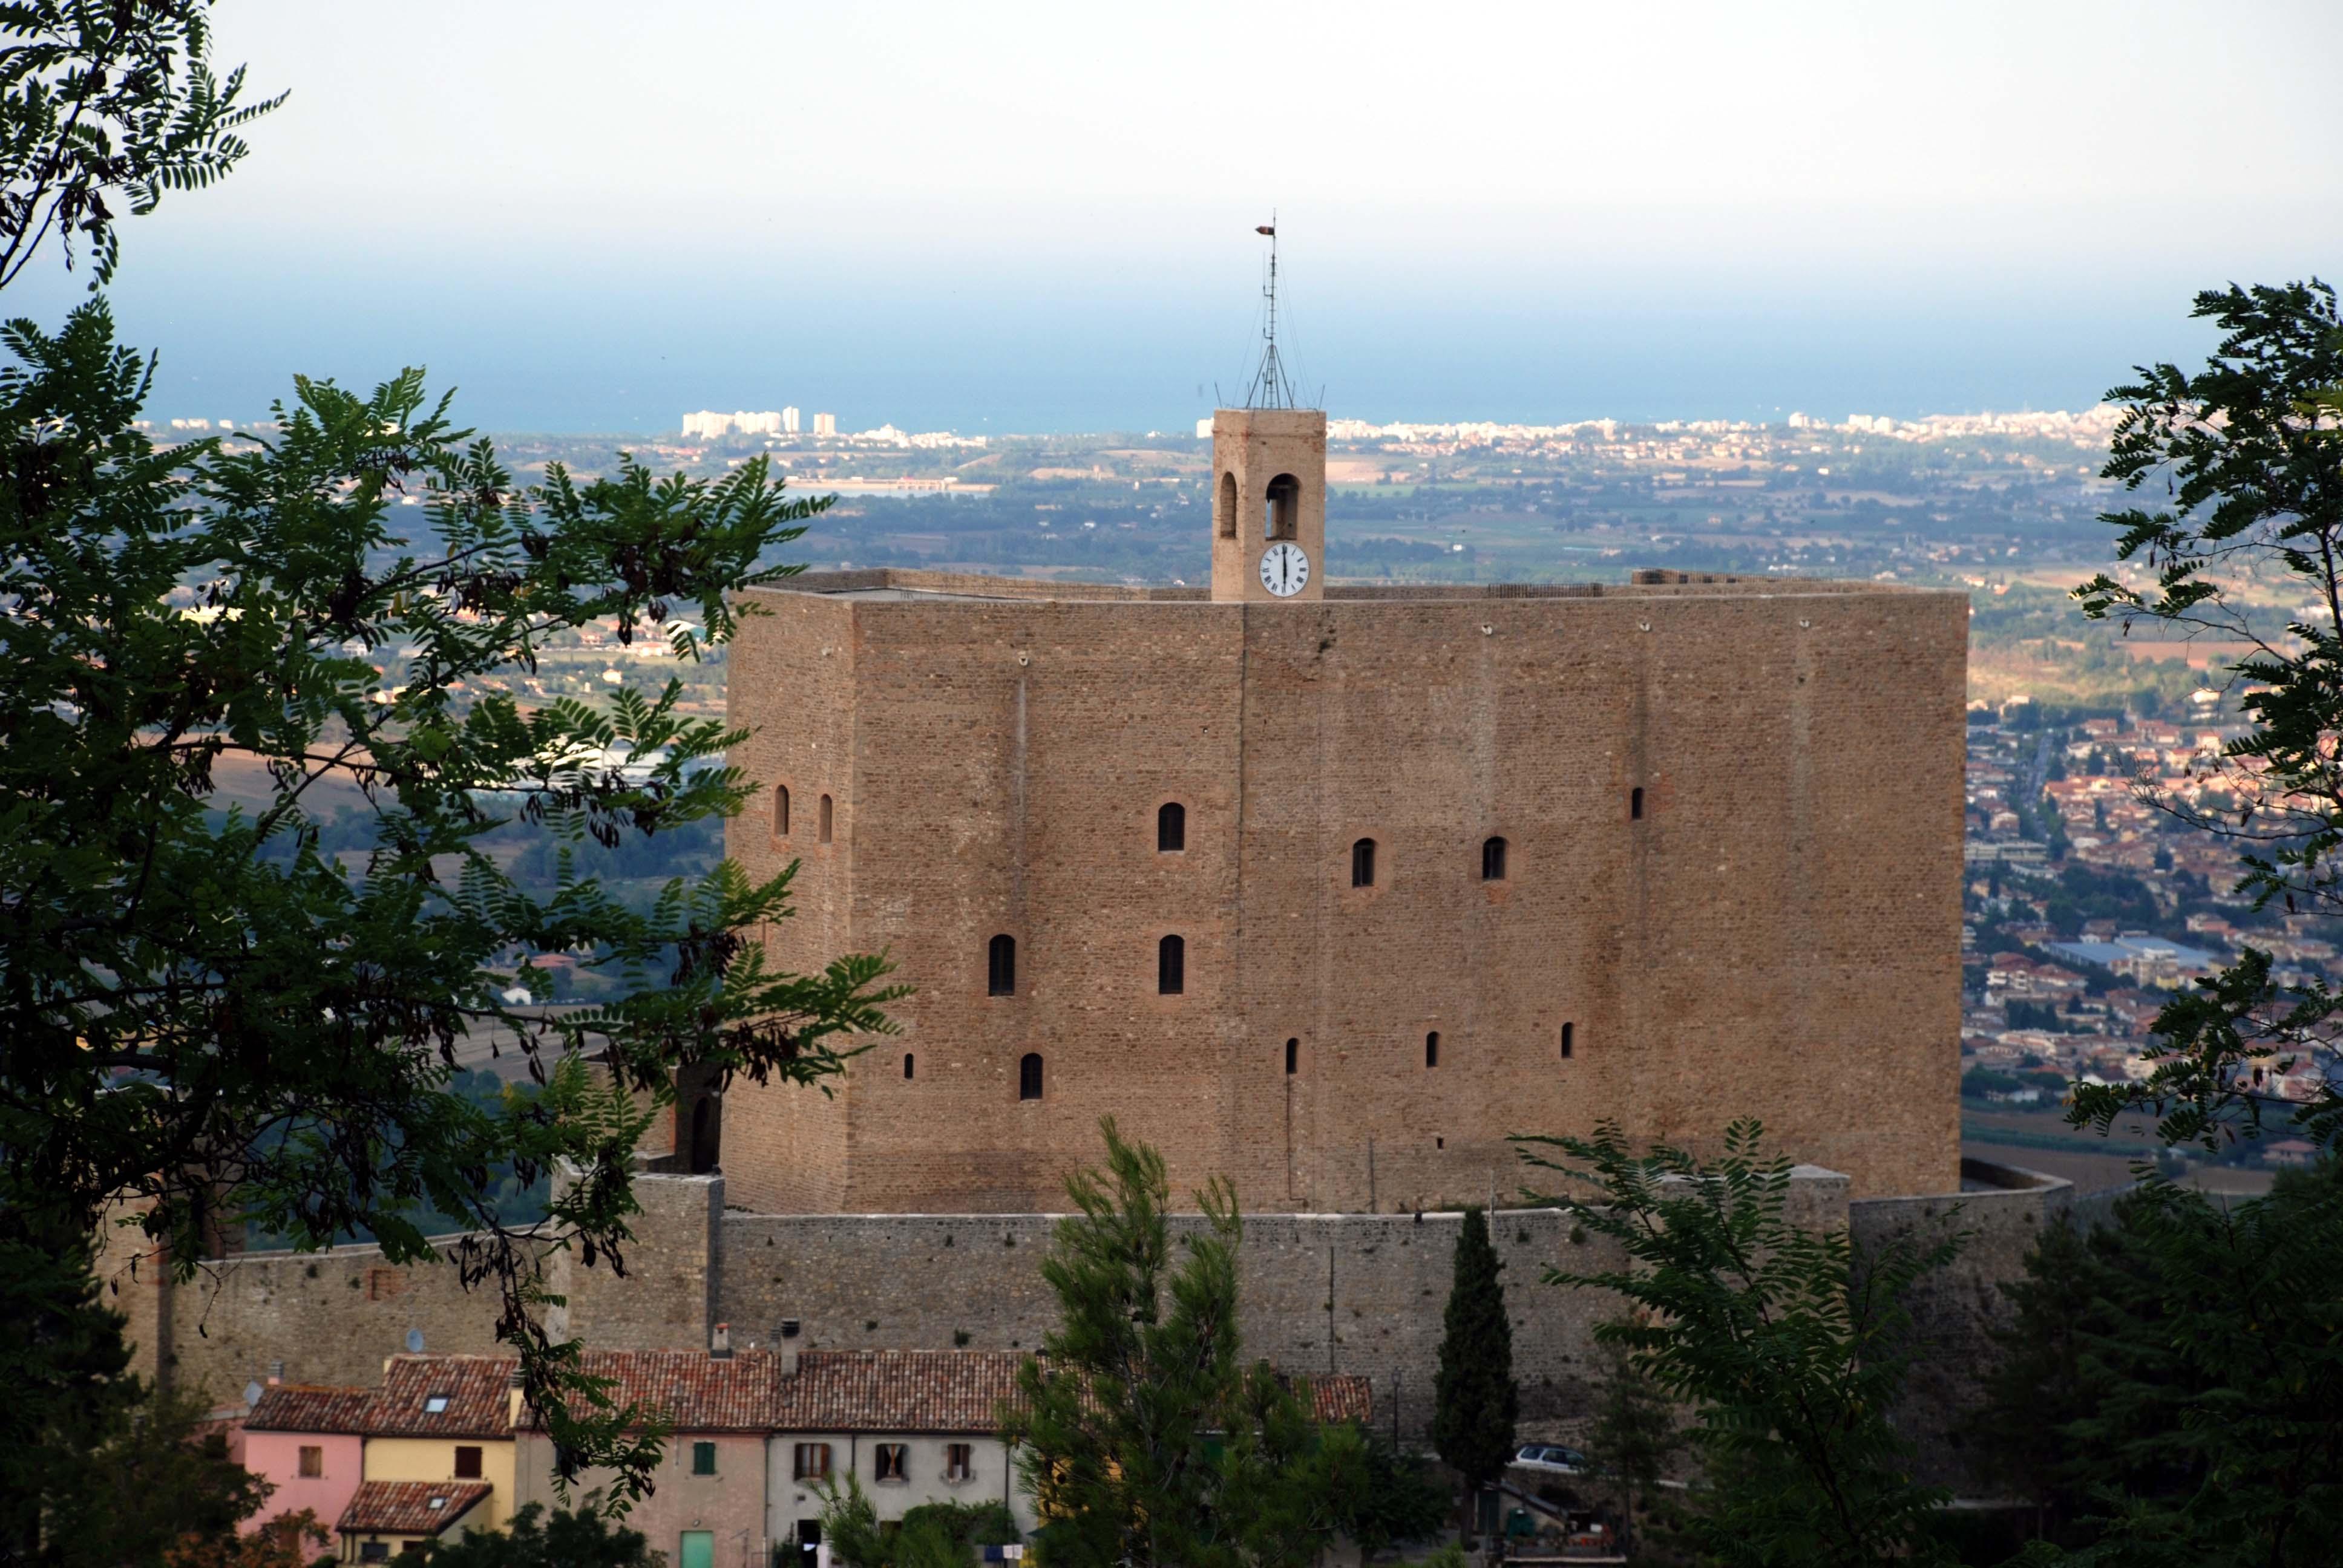 Rocca-malatestiana-di-Montefiore-Conca_0036